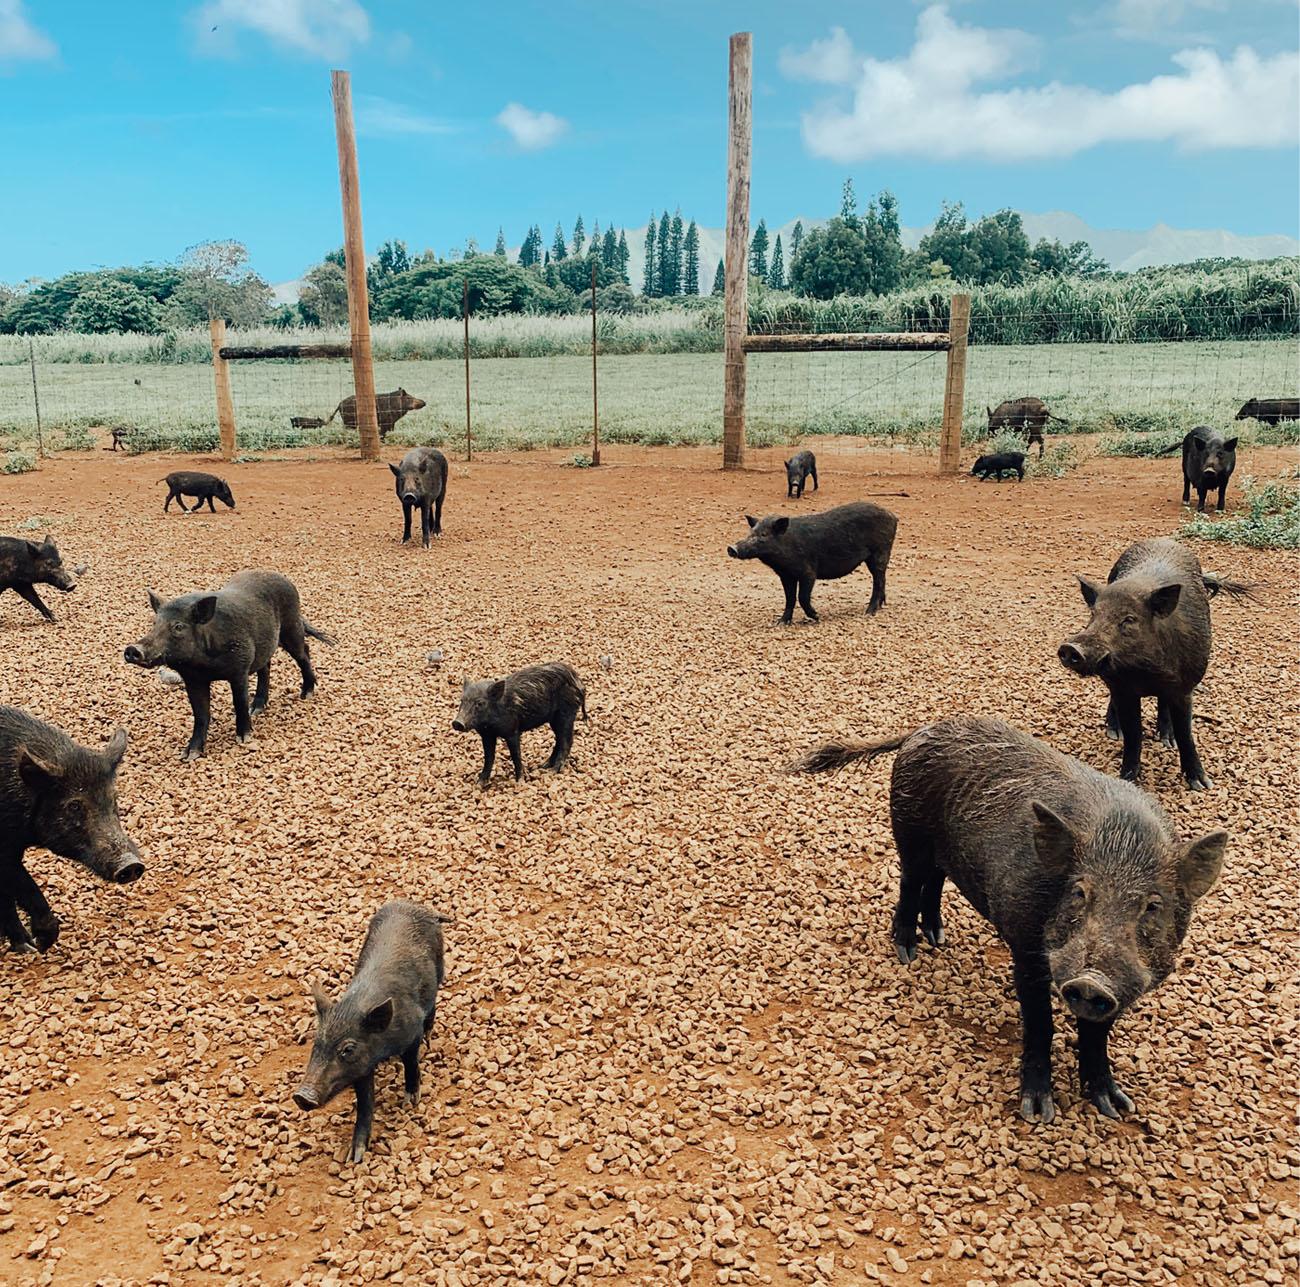 hawaiian pigs at Kauai Plantation Railway